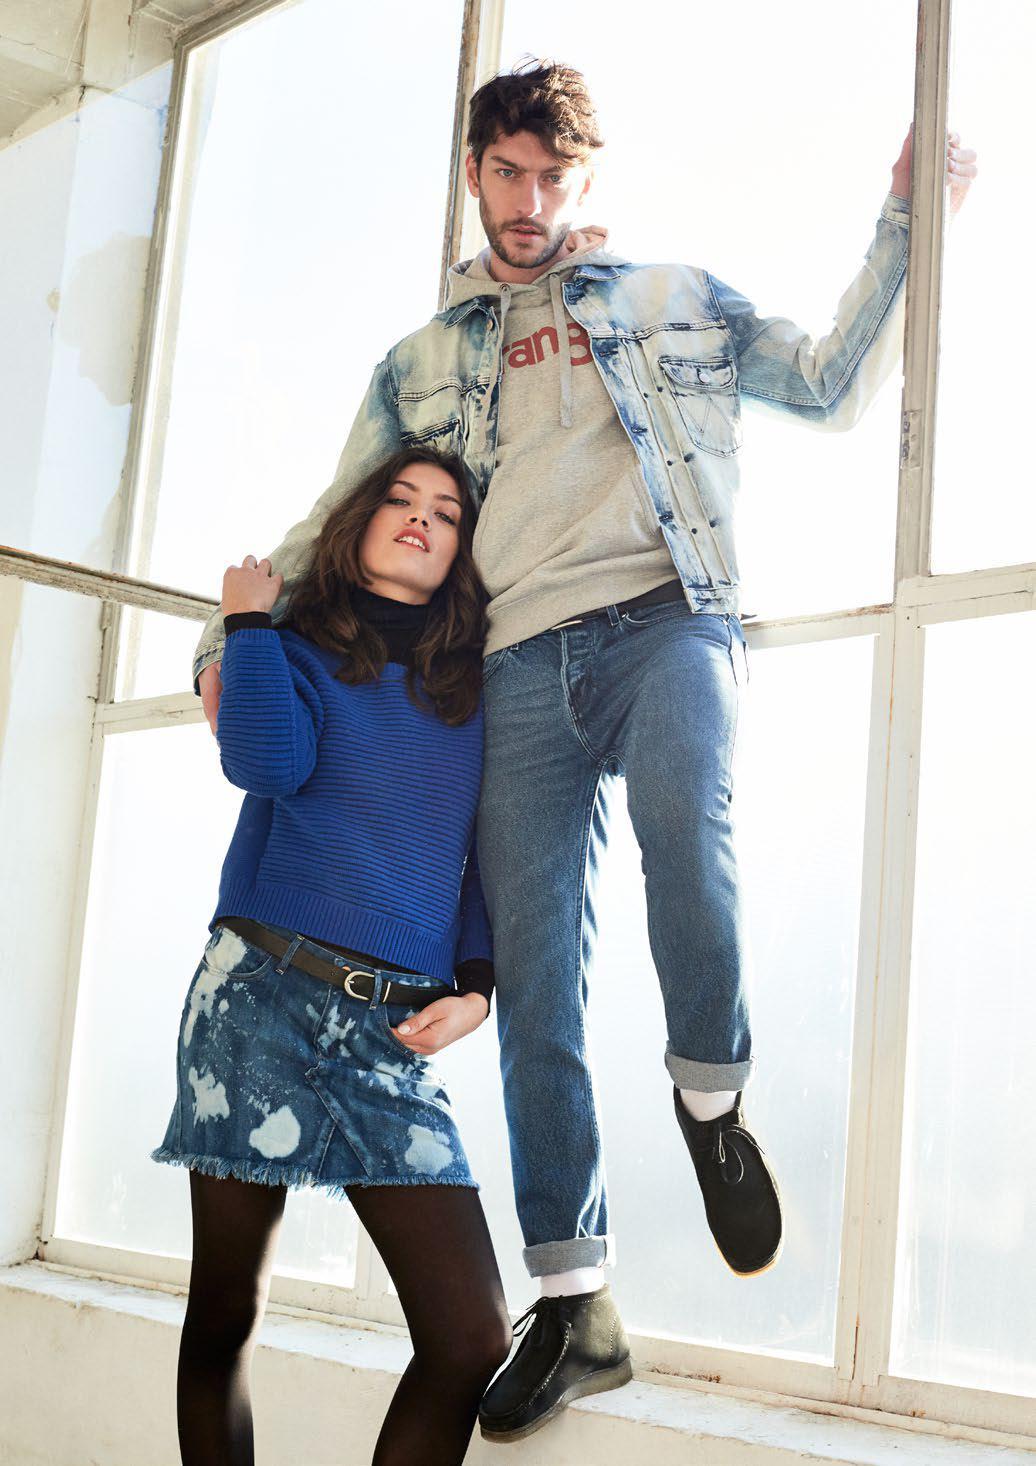 Сеть магазинов Настоящие Джинсы приглашает приобрести новую коллекцию джинсов, курток, трикотажа Wrangler,Lee, Westland.